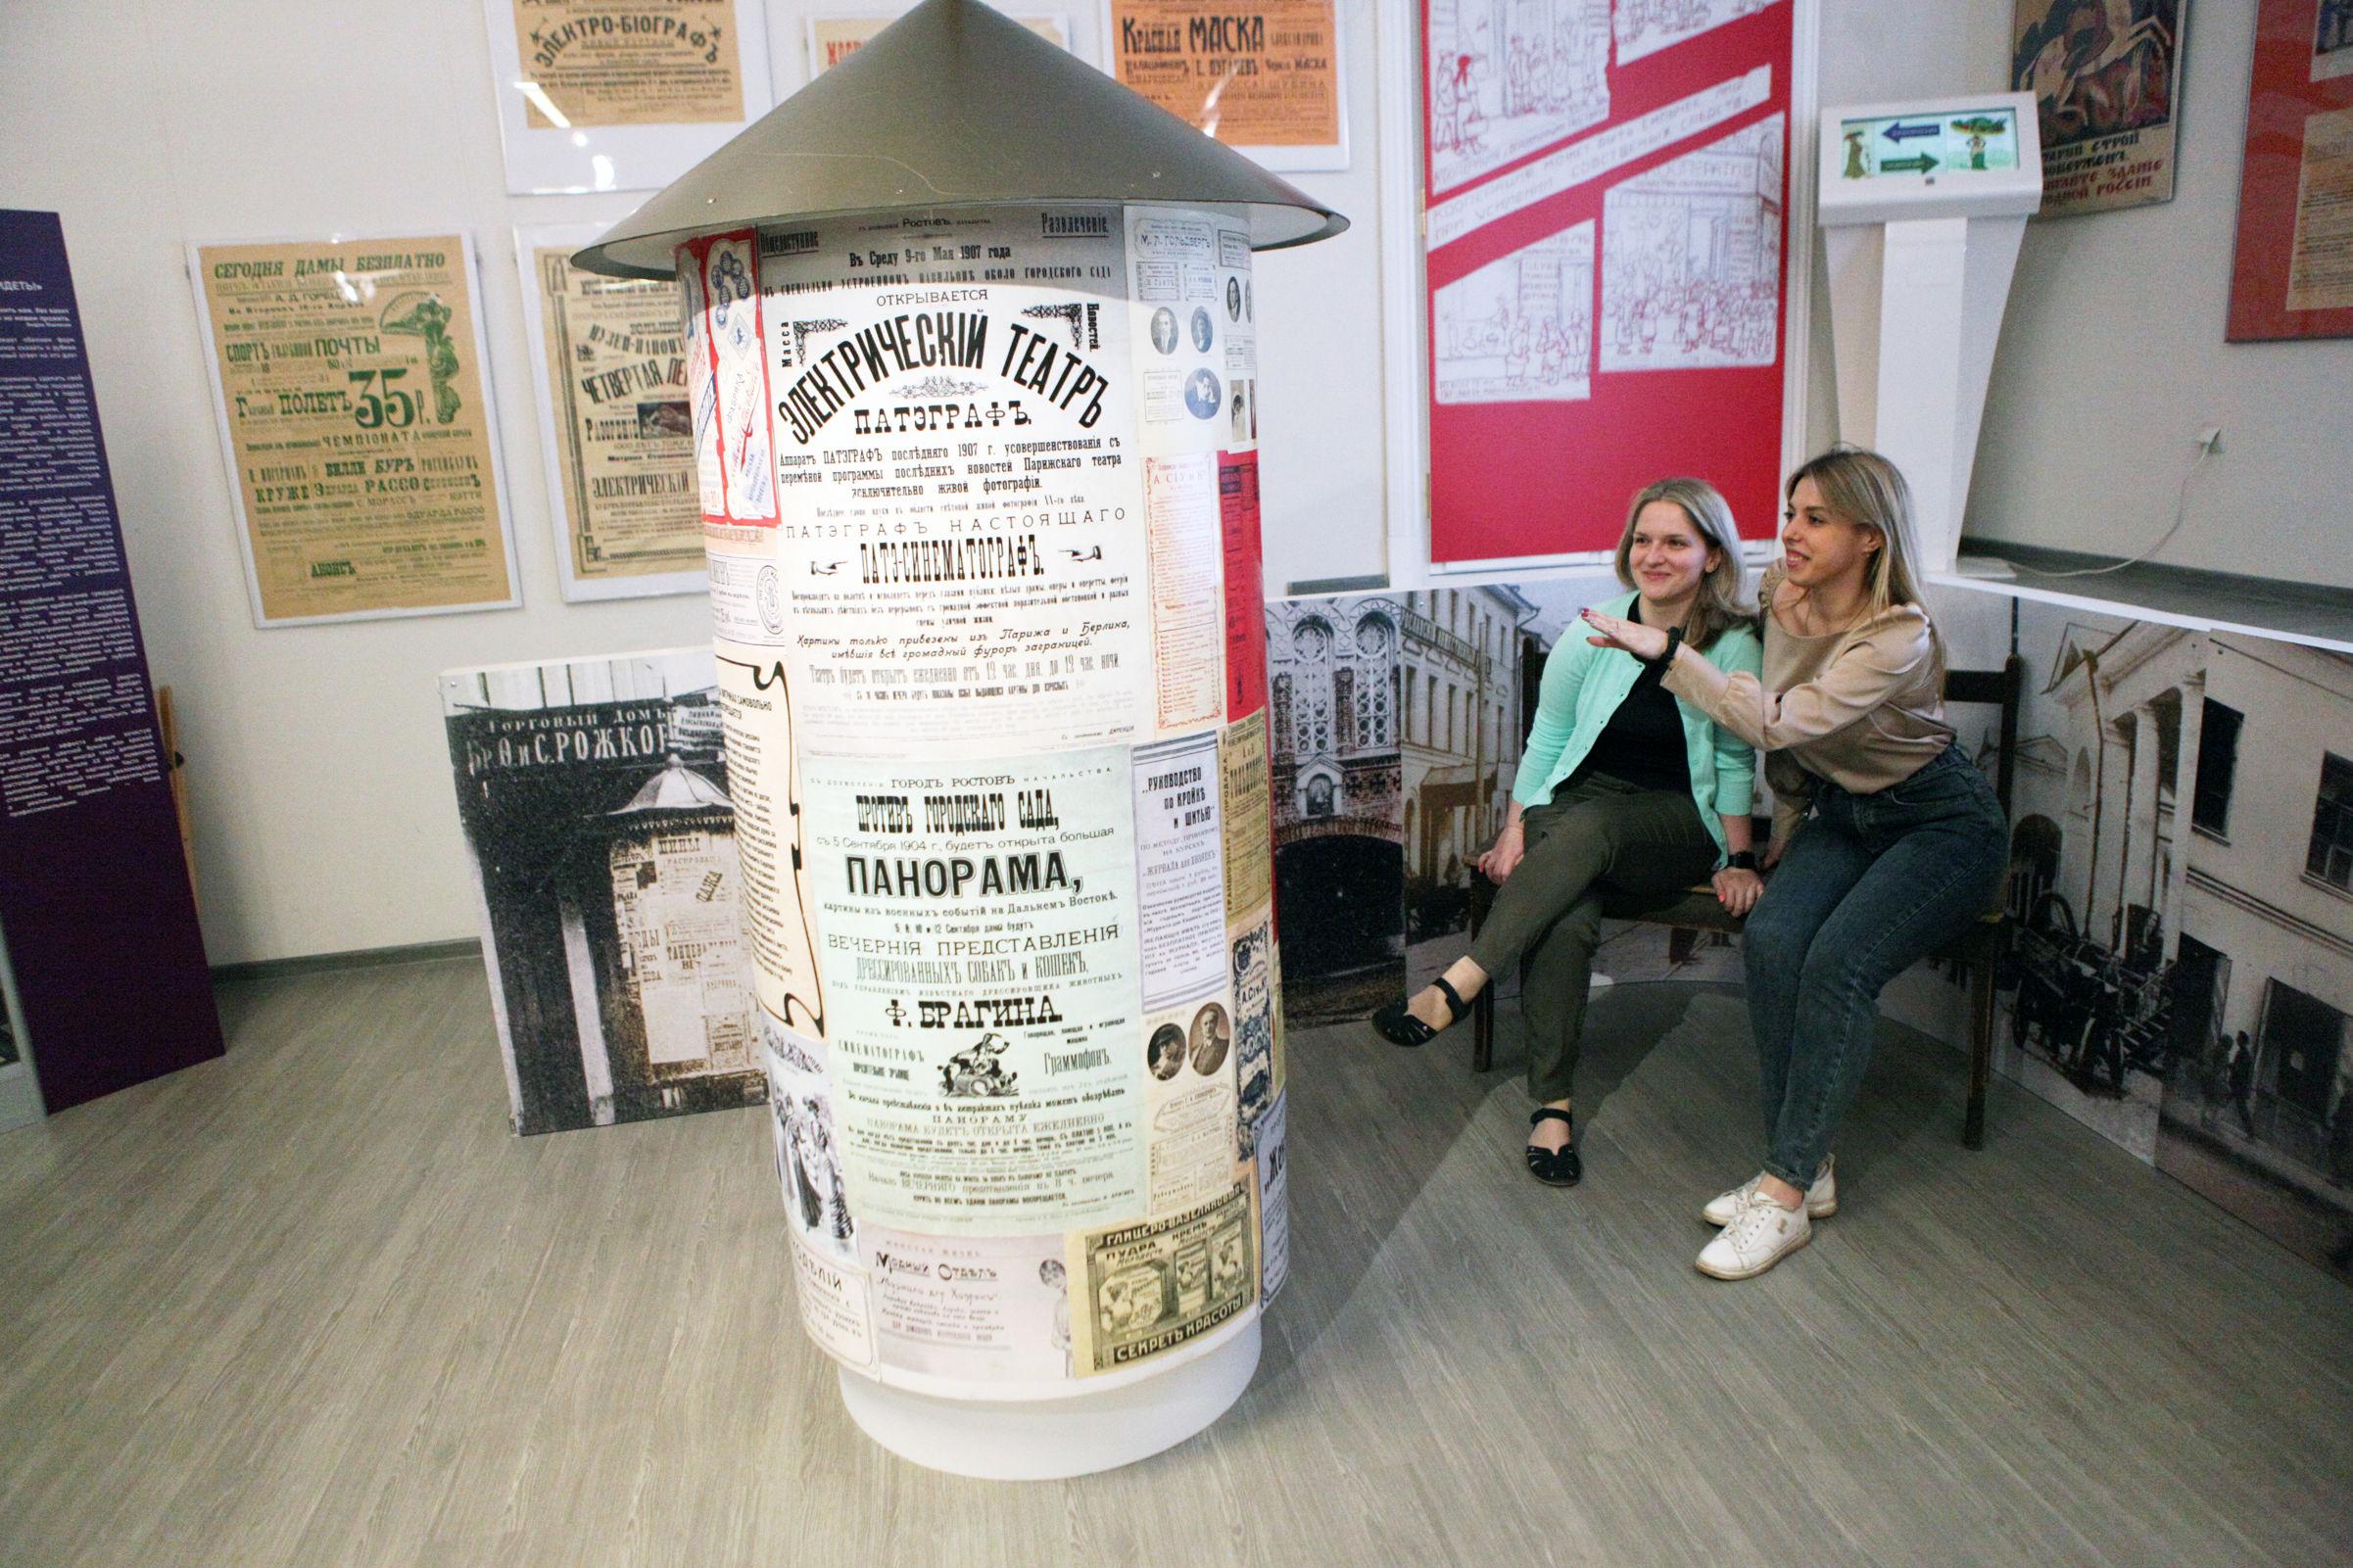 Выставка в Ярославле рассказала, какими приемами пользовались рекламщики в XIX и XX веках